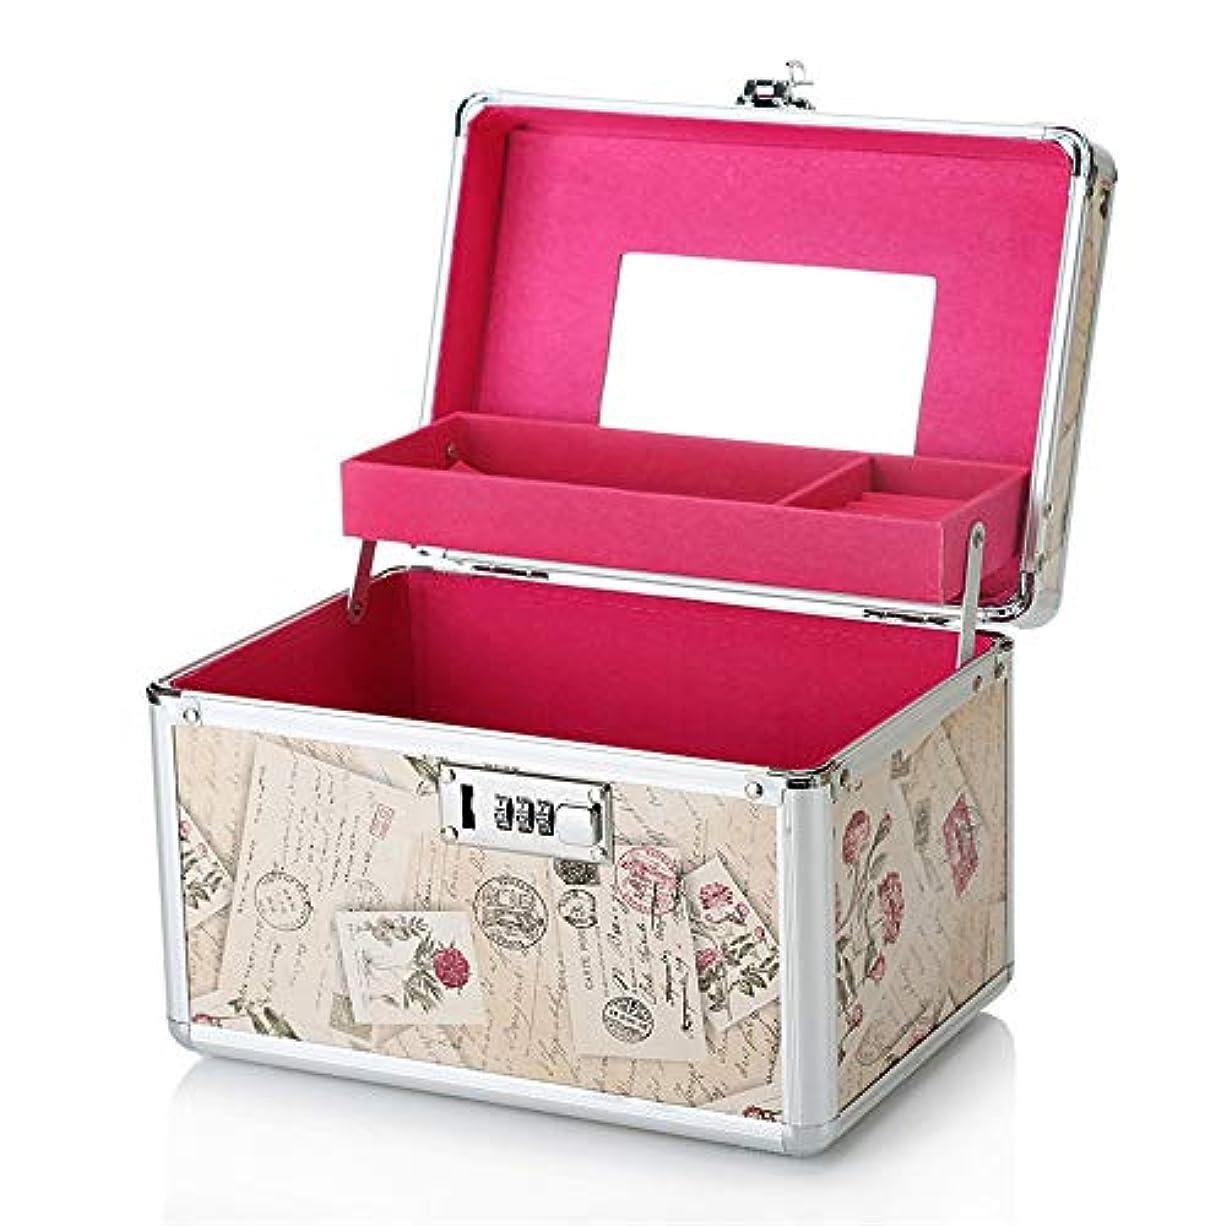 自動ポンドに同意する化粧オーガナイザーバッグ 化粧箱バニティロック可能な美容メイクアップネイルジュエリーポータブルケース収納ボックス 化粧品ケース